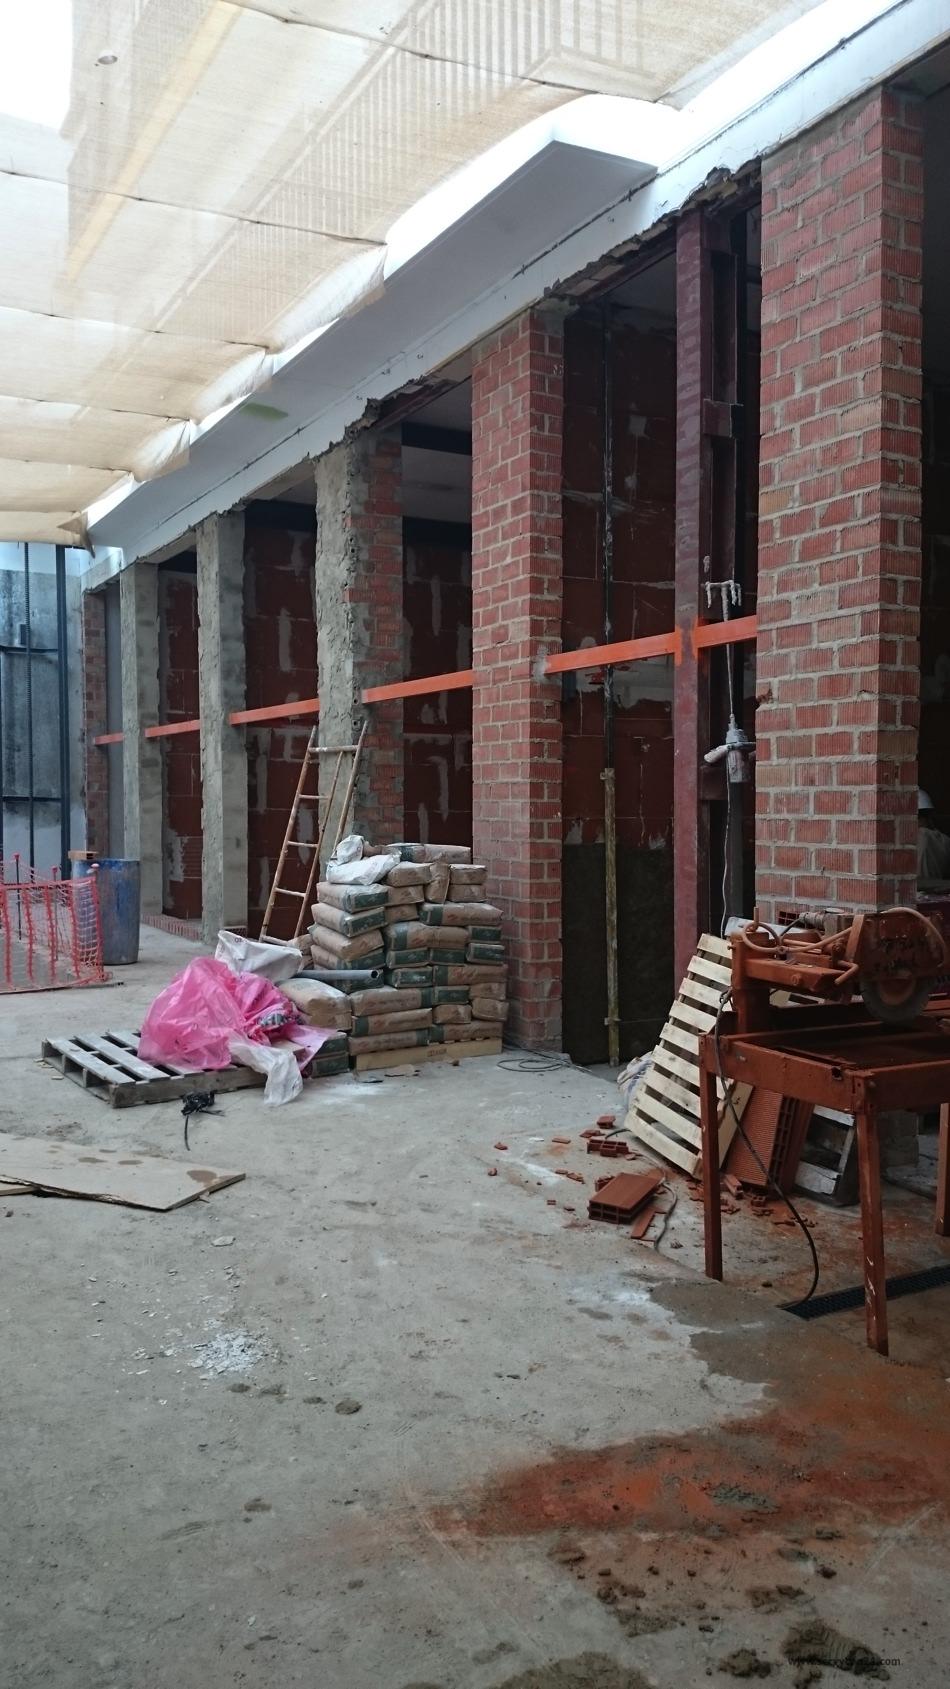 residencial_guadalquivir02